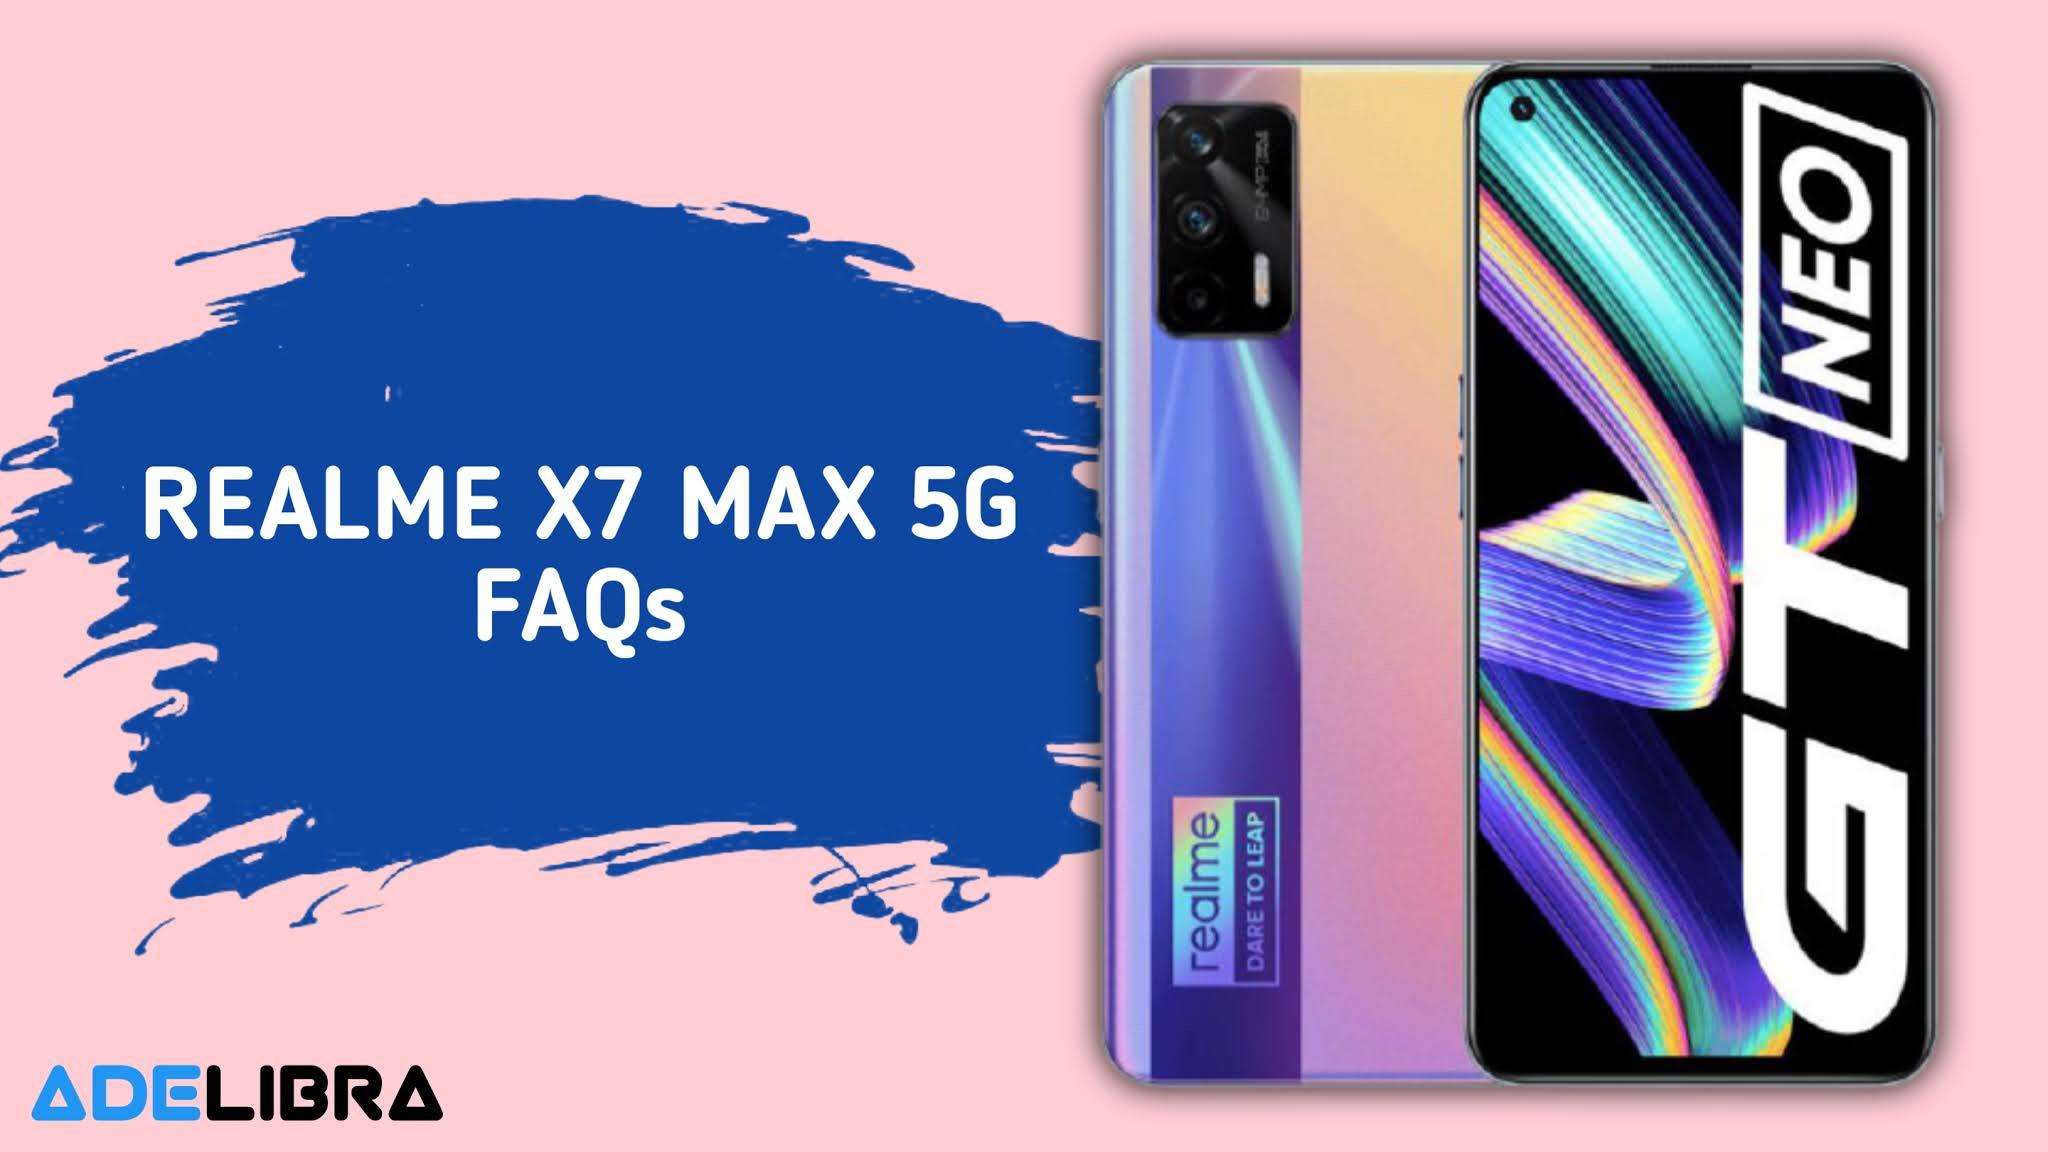 Realme X7 Max 5G FAQs